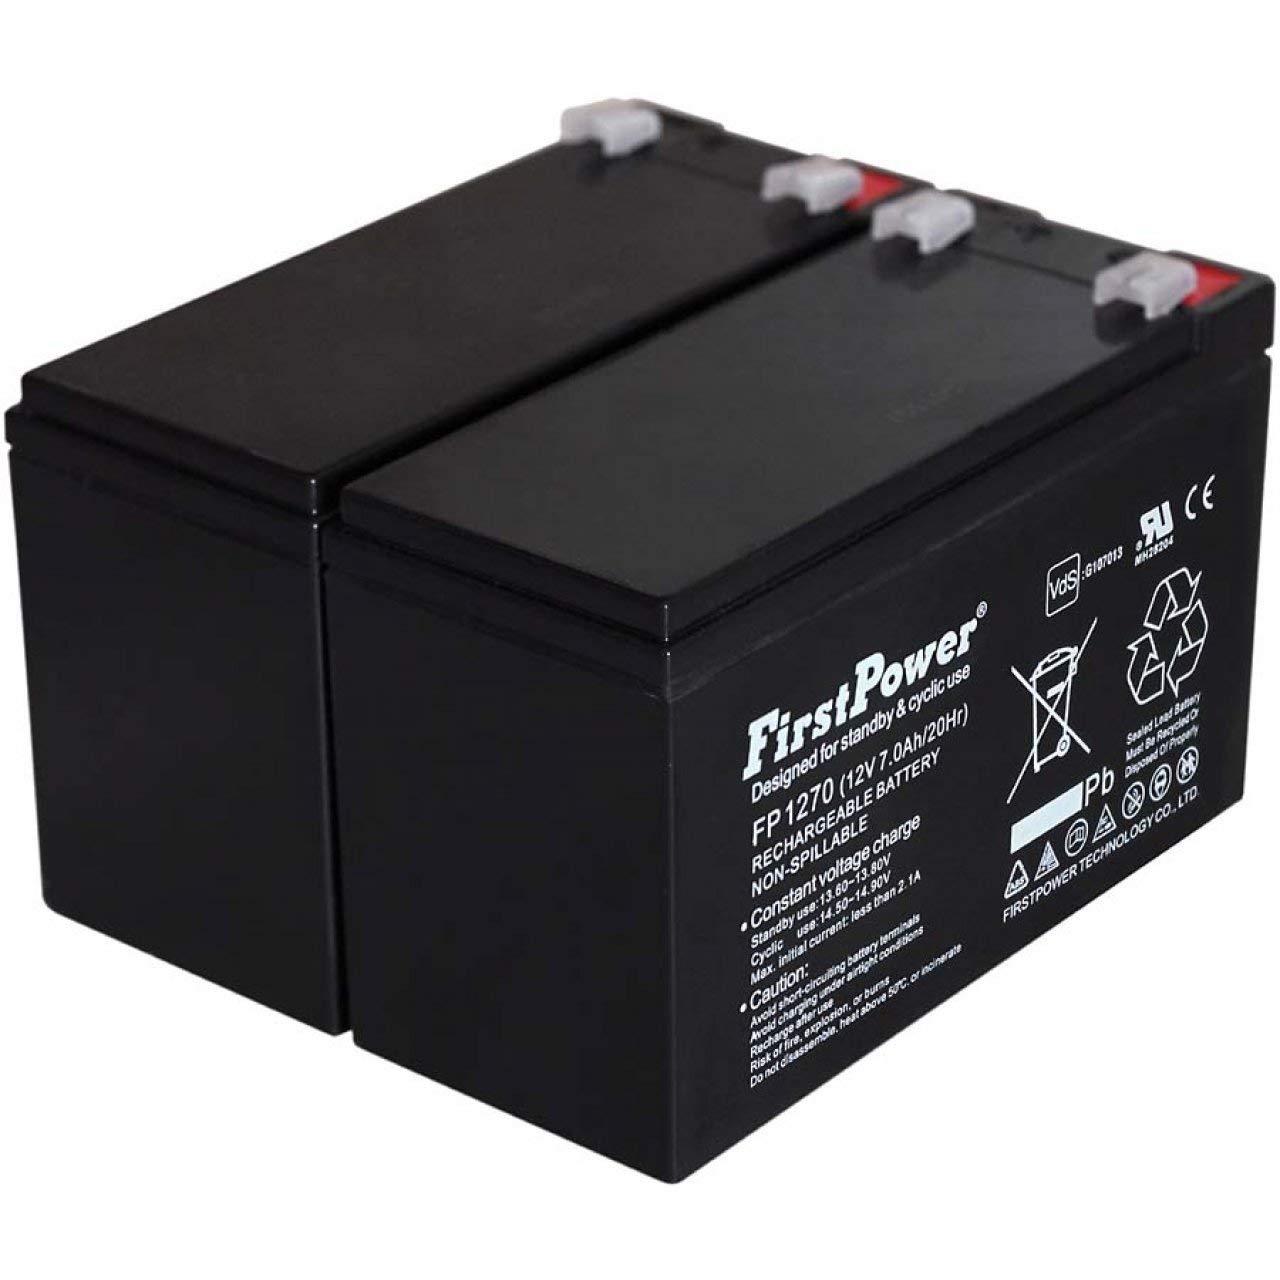 FirstPower Batería de GEL para SAI APC Smart-UPS SMT750I 7Ah 12V: Amazon.es: Electrónica